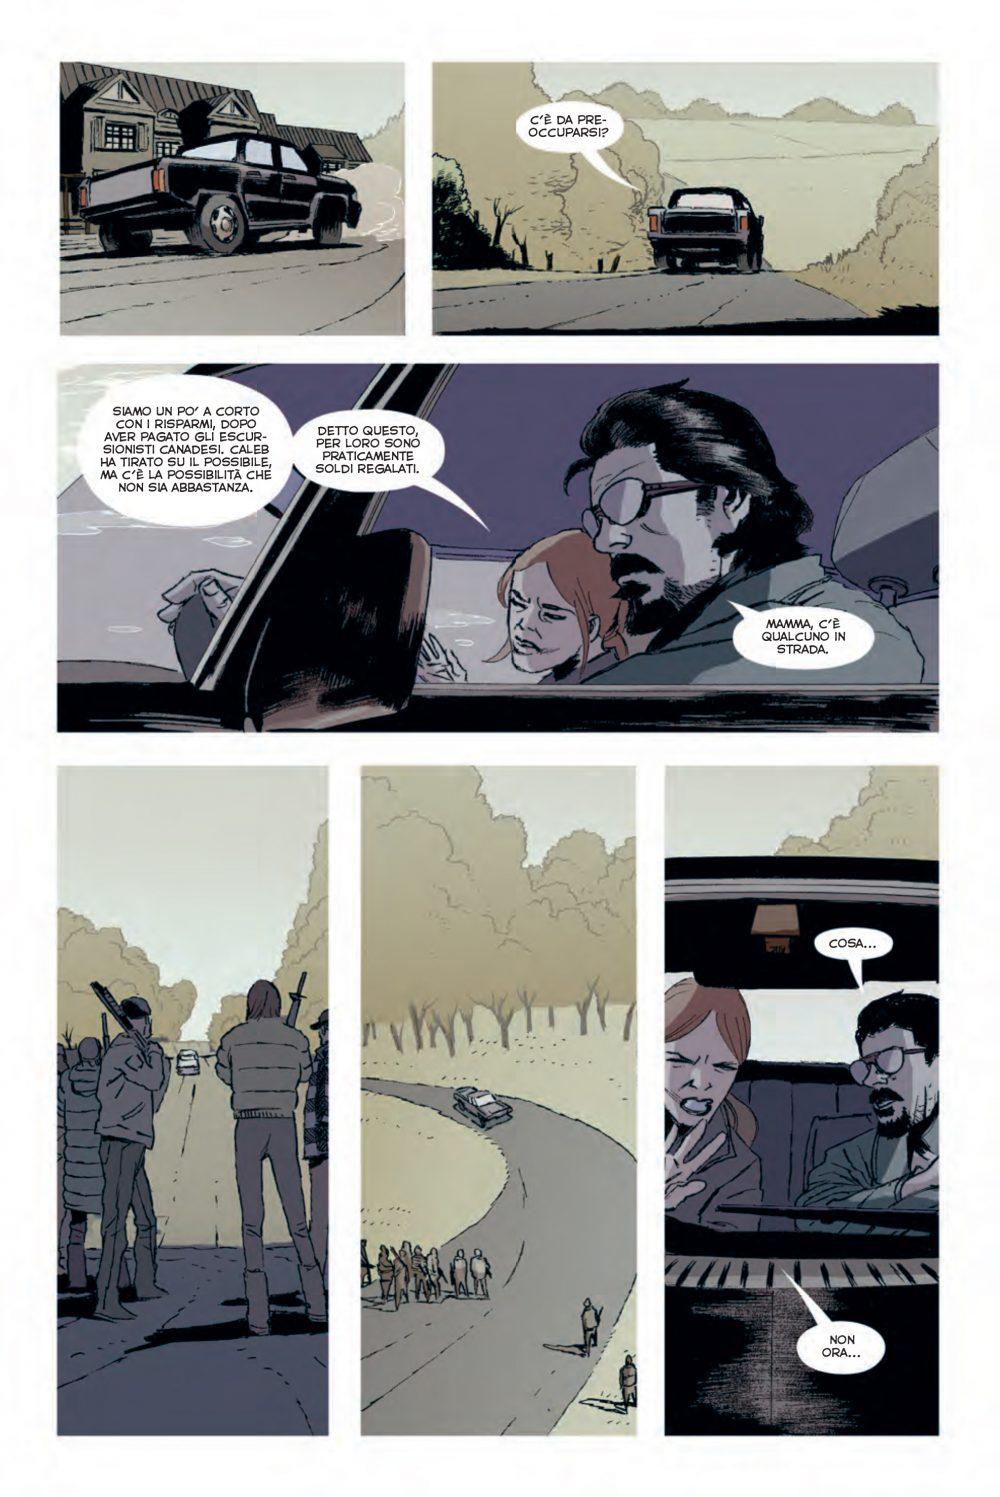 Briggs Land vol. 2: Lupi solitari, anteprima 02